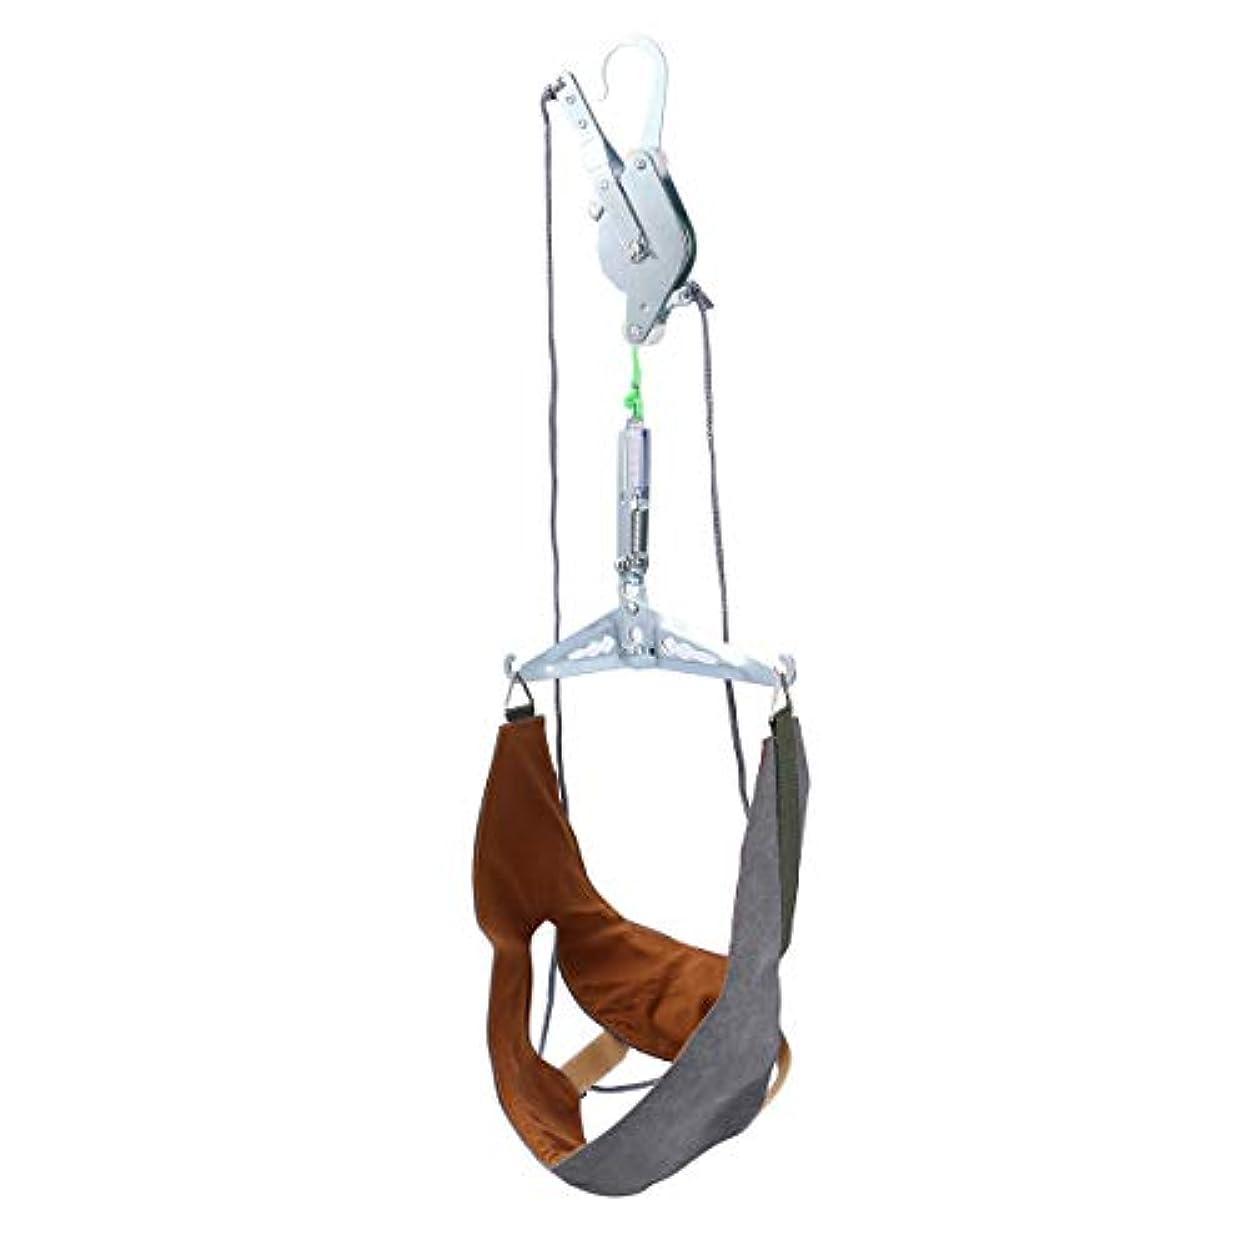 交換可能航空機思いやりHealifty 家庭用 頚椎 牽引 頭痛 ストレッチ 吊り下げ式 首頸部 マッサージ 牽引装置 ネックサポート 頚椎首ガード保護スリーブ ネックホルダー(ランダムカラー)